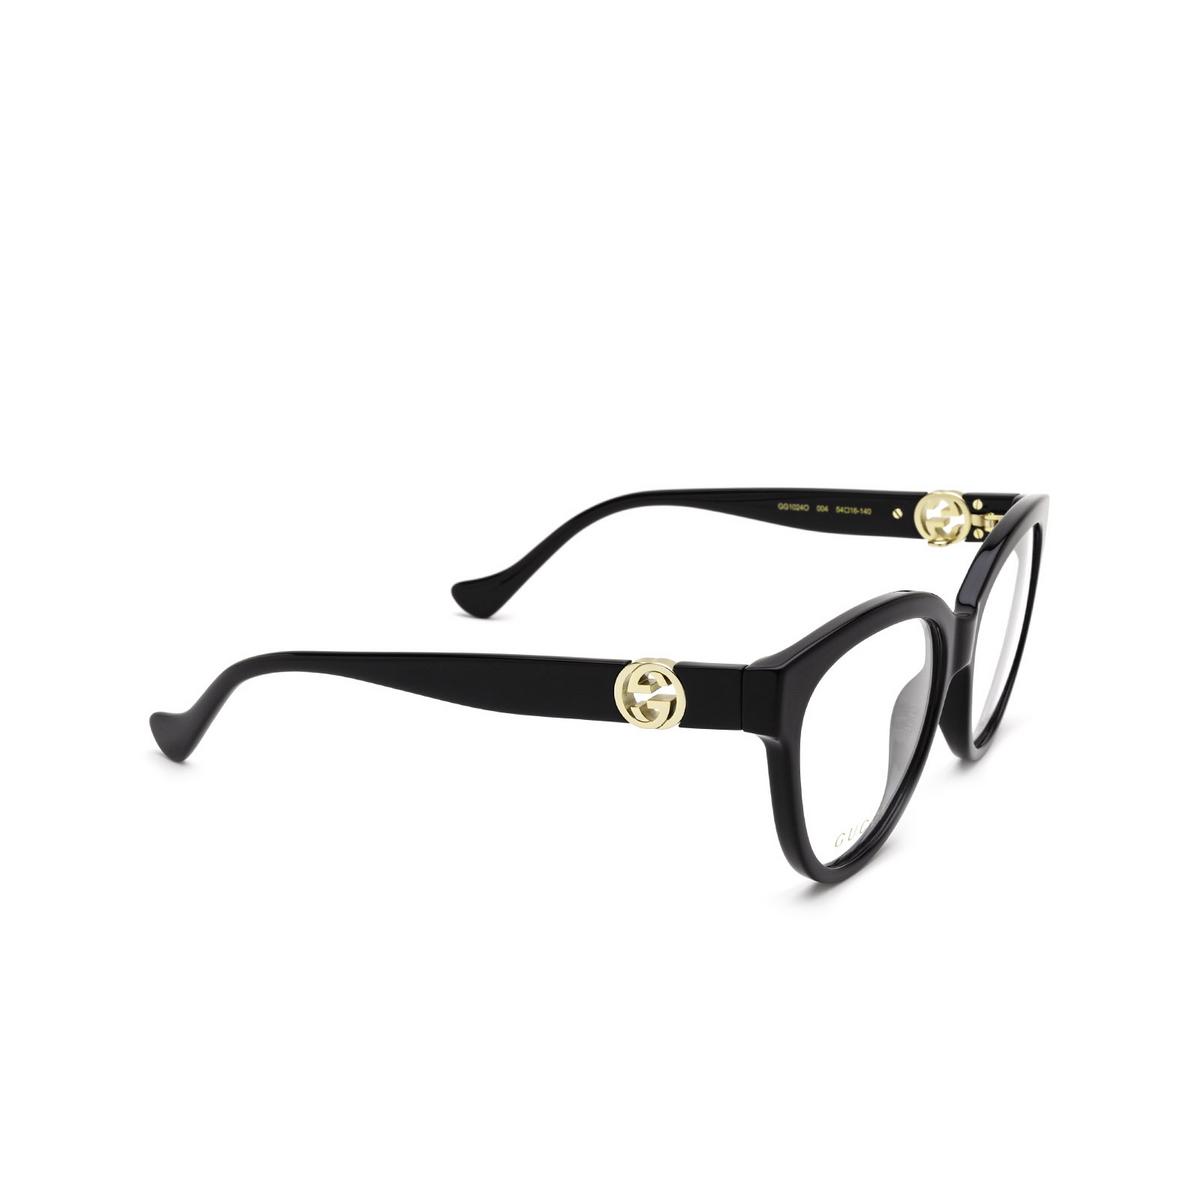 Gucci® Cat-eye Eyeglasses: GG1024O color Black 004 - three-quarters view.